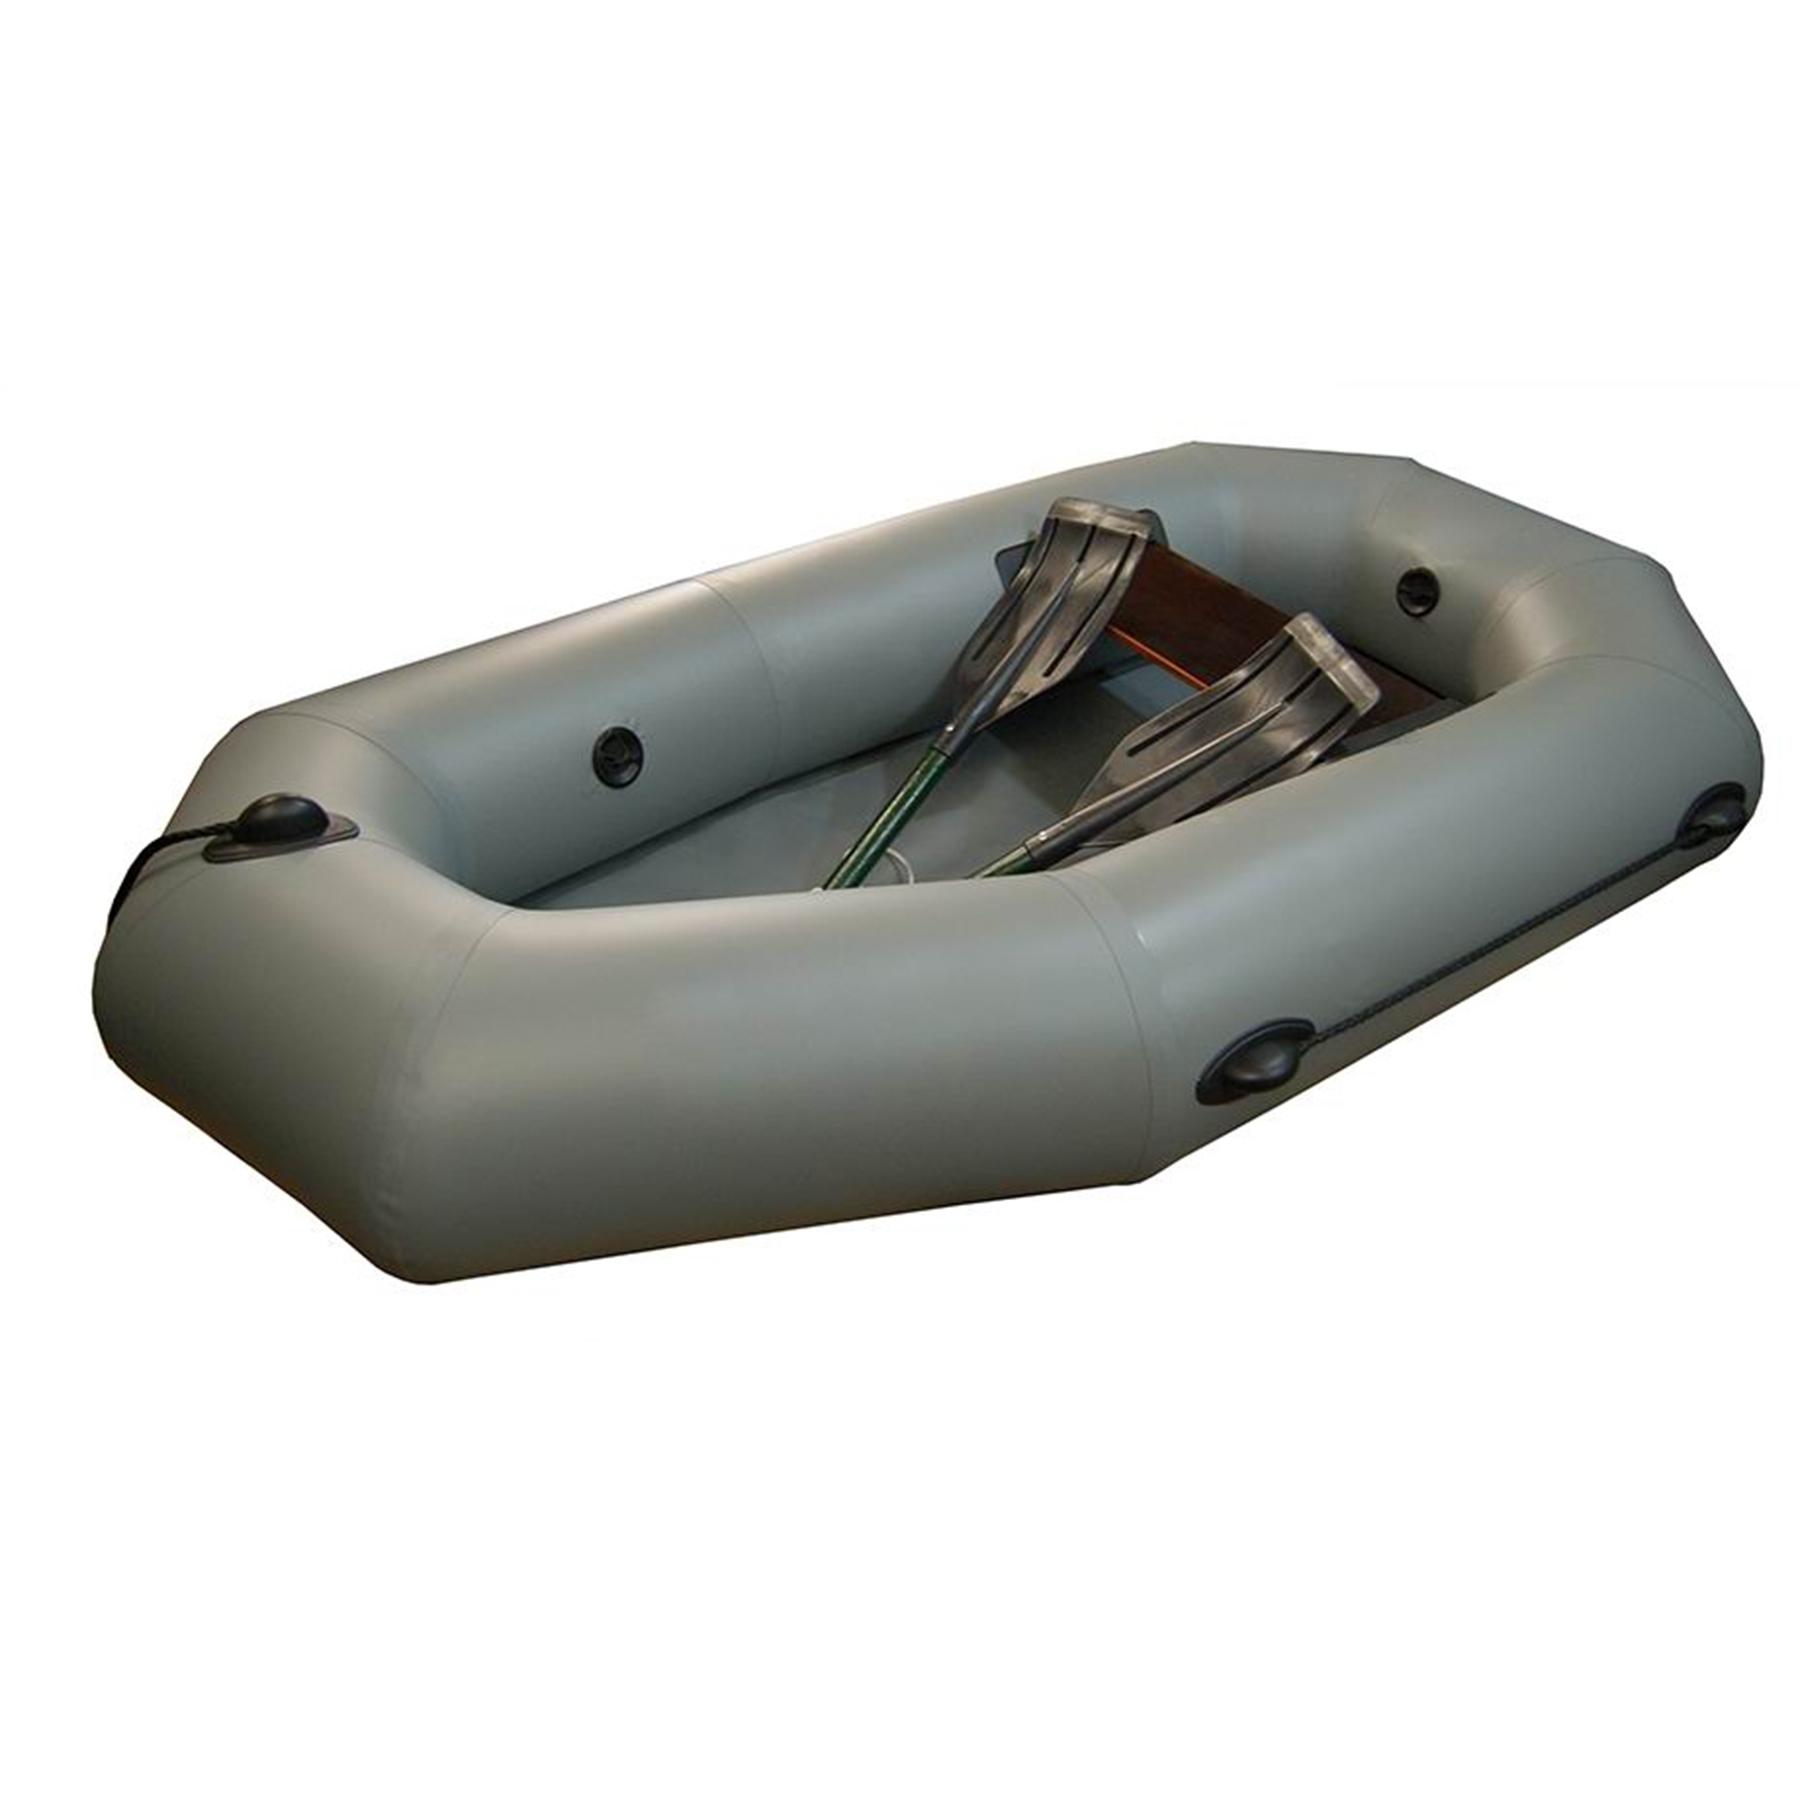 Лодка Легион - 175 /  180 с гребками (175*100см, гр.под.150 кг,2отс.,7 кг,ж.сид.)